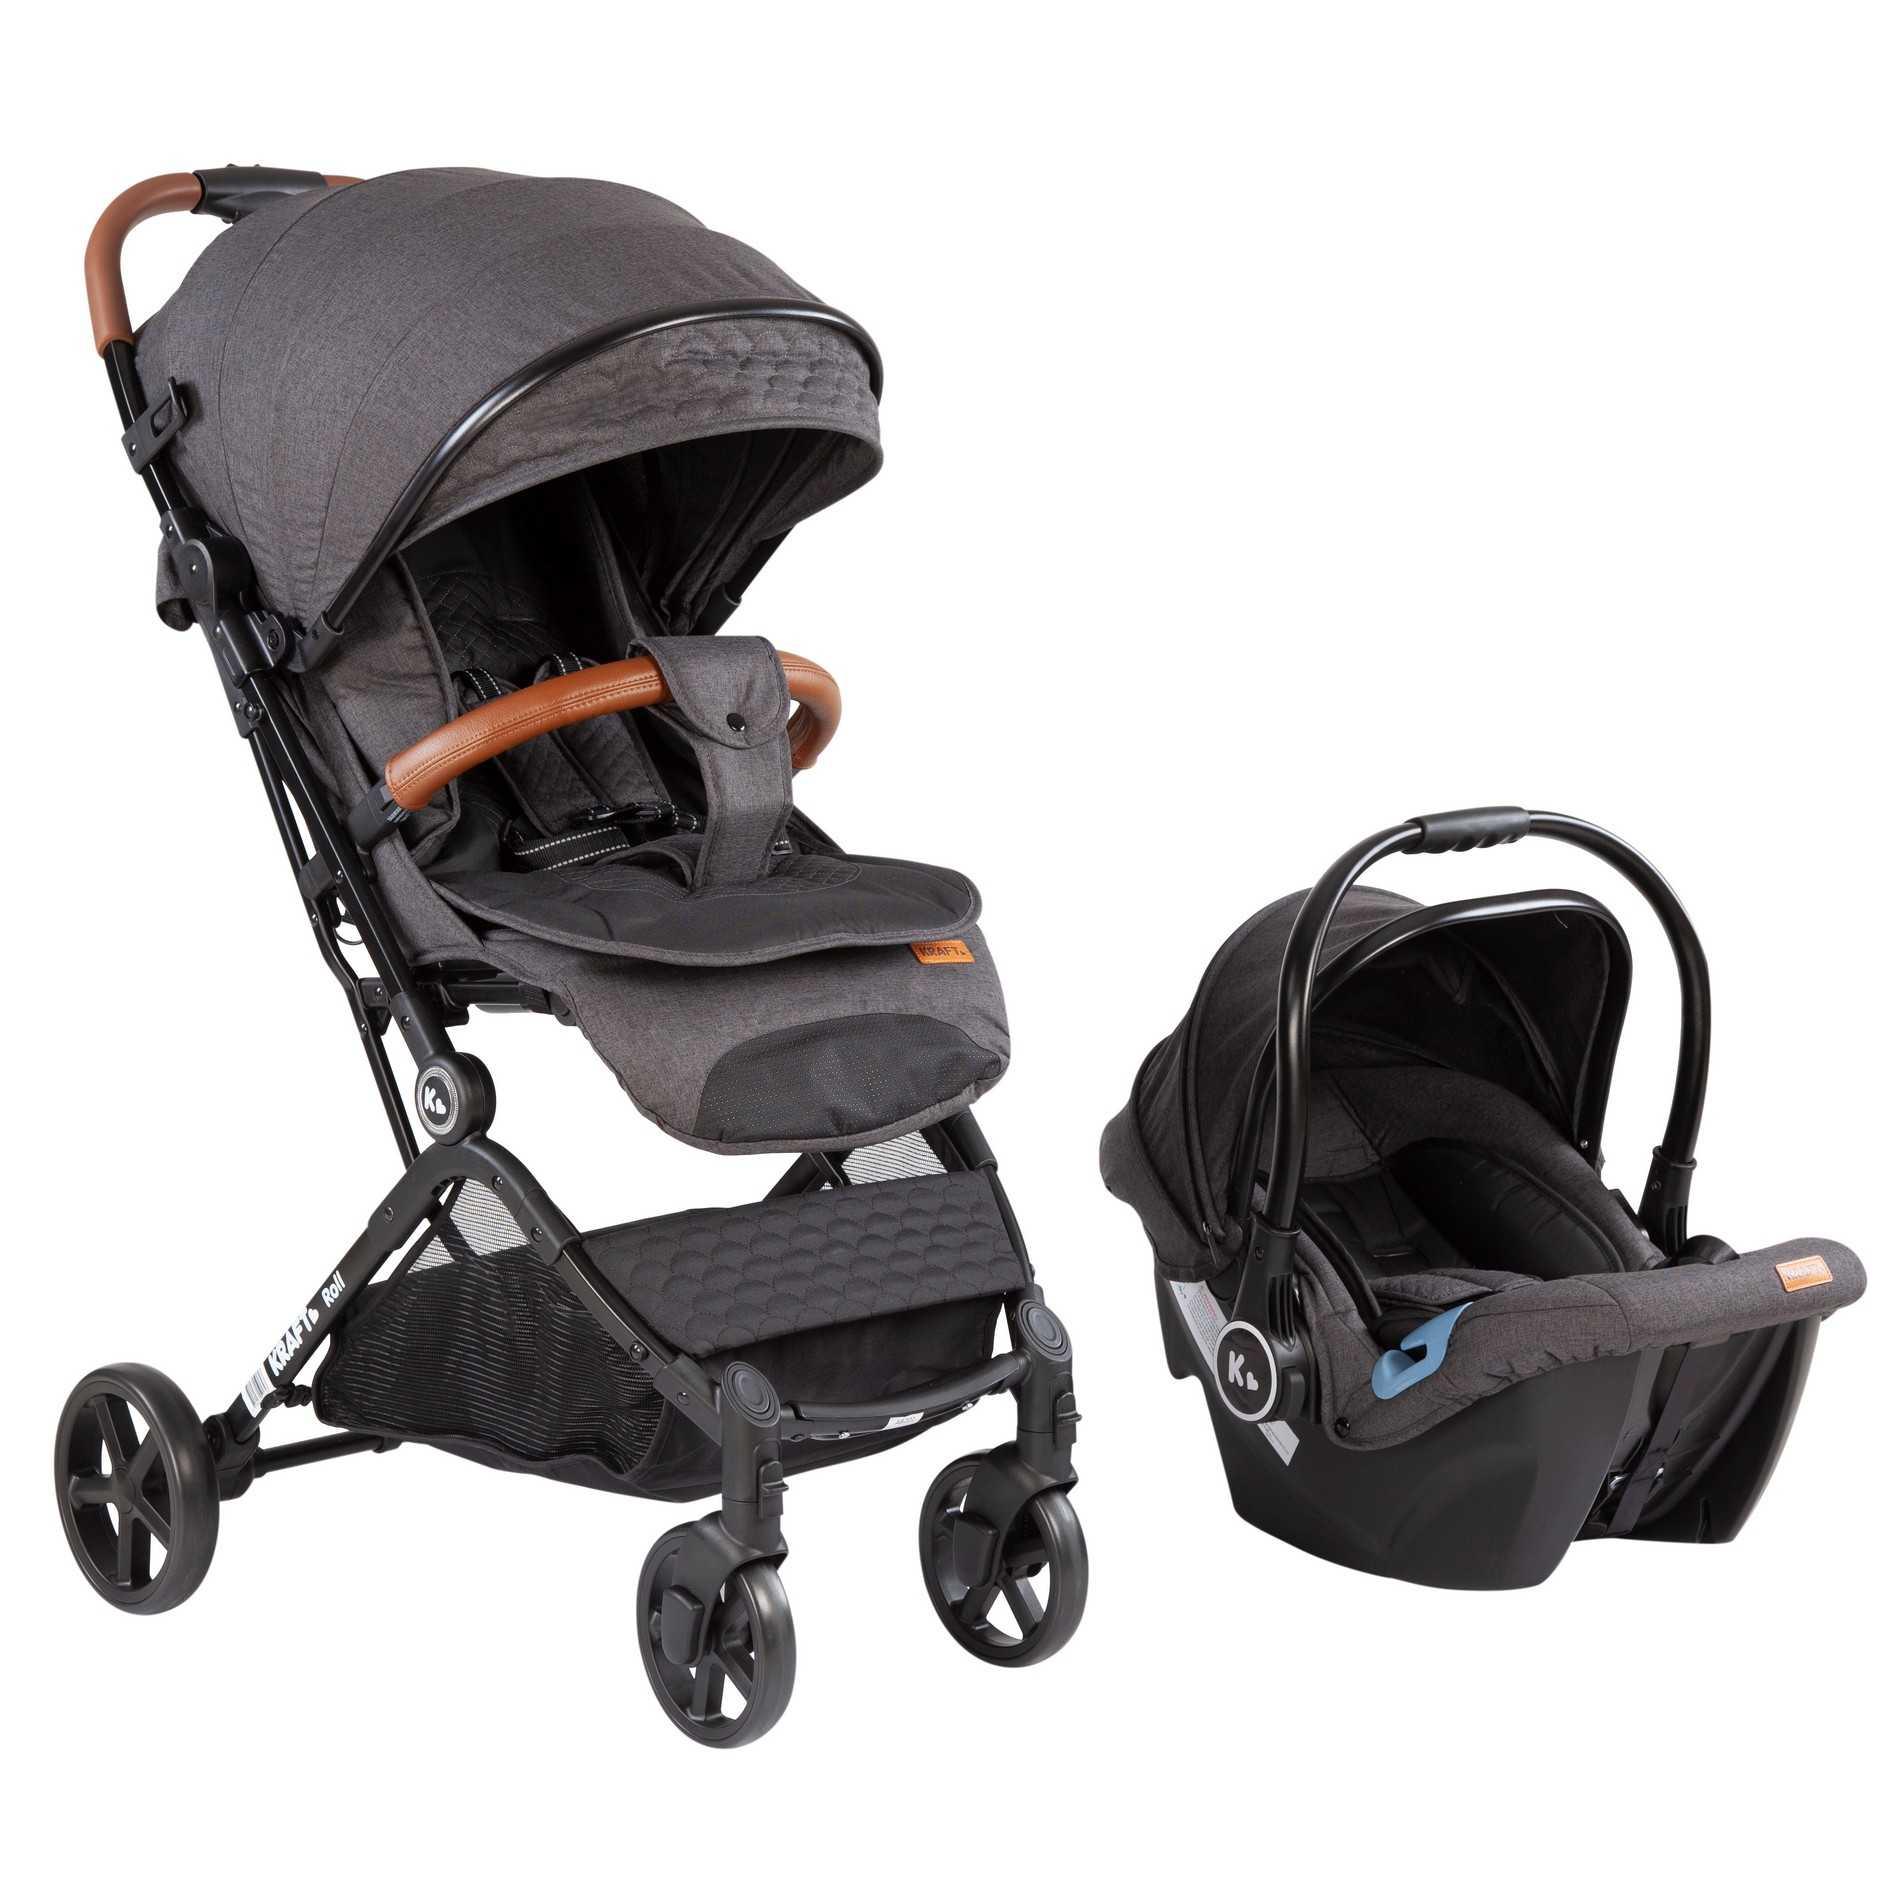 Travel Sistem Bebek Arabası ile Dört Mevsim Kullanım